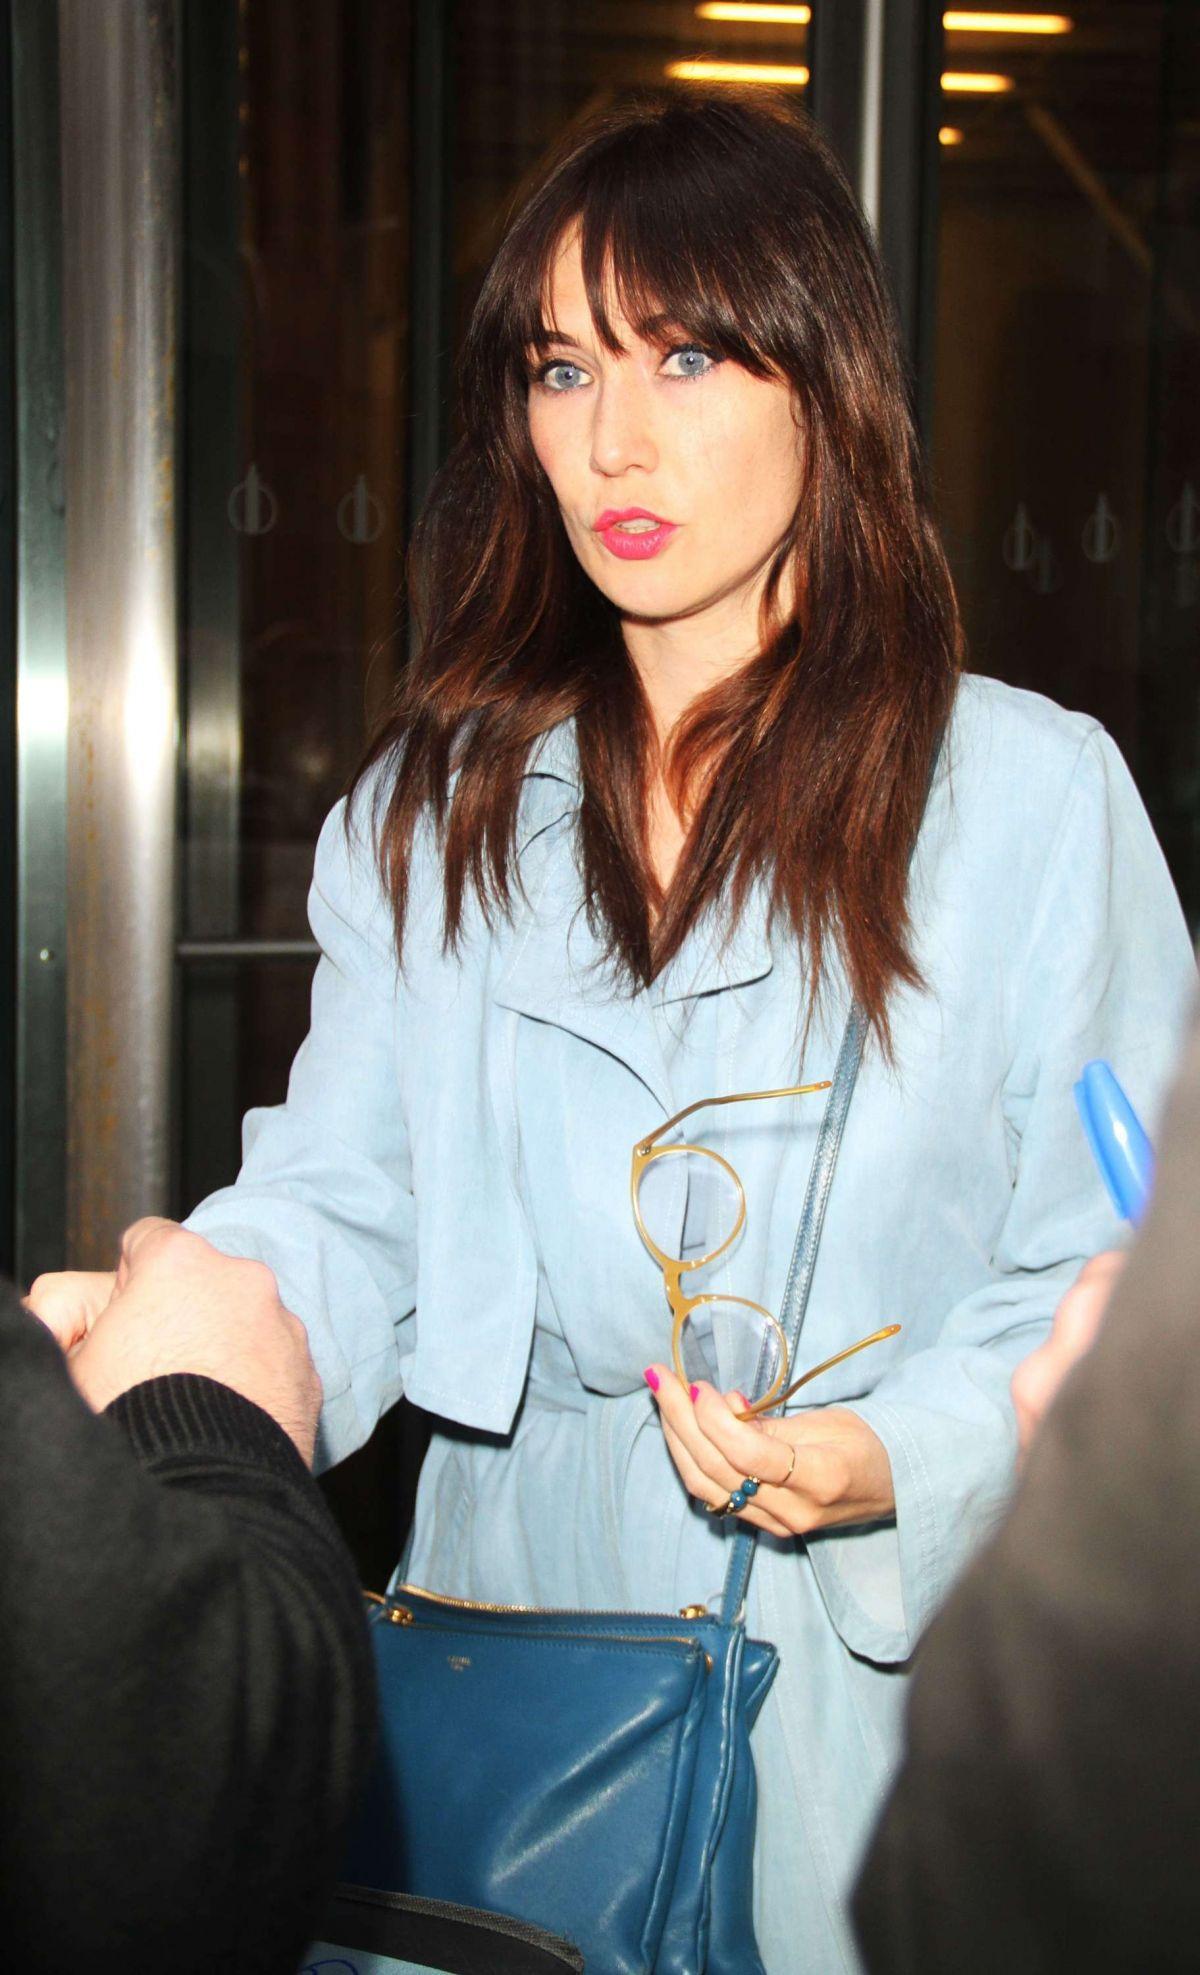 CARICE VAN OUTEN Leaves SiriusXM Studios in New York 04/14/2015